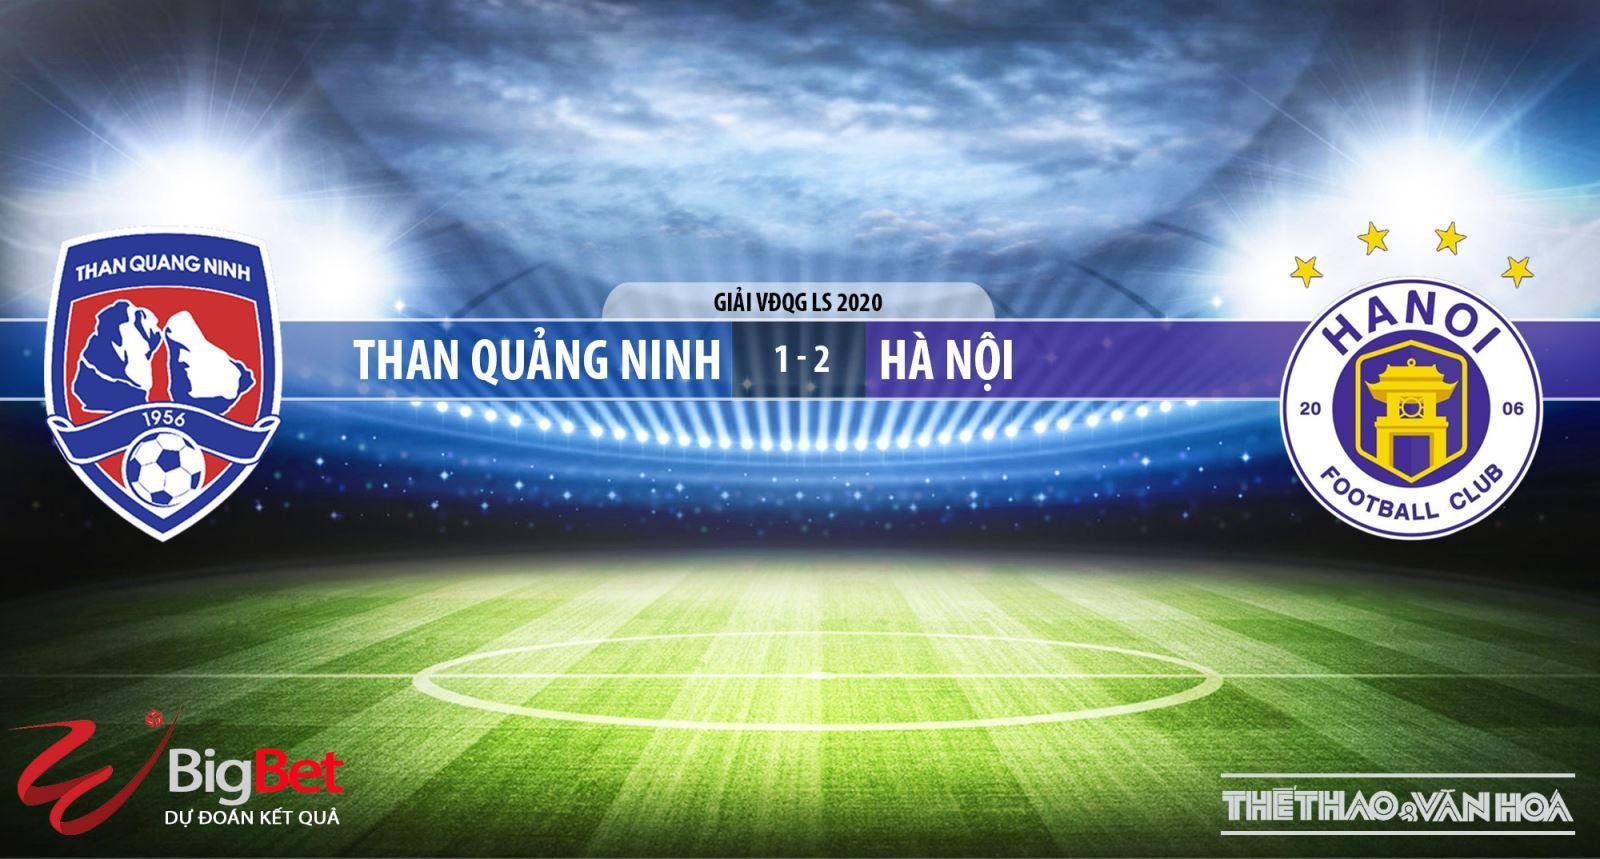 Keo nha cai, Than Quảng Ninh vs Hà Nội, TTHDTT, truc tiep bong da hôm nay, xem TTHDTT, Than Quảng Ninh, Hà Nội, Than Quảng Ninh đấu với Hà Nội, xem bóng đá trực tuyến, soi kèo nhà cái, V League